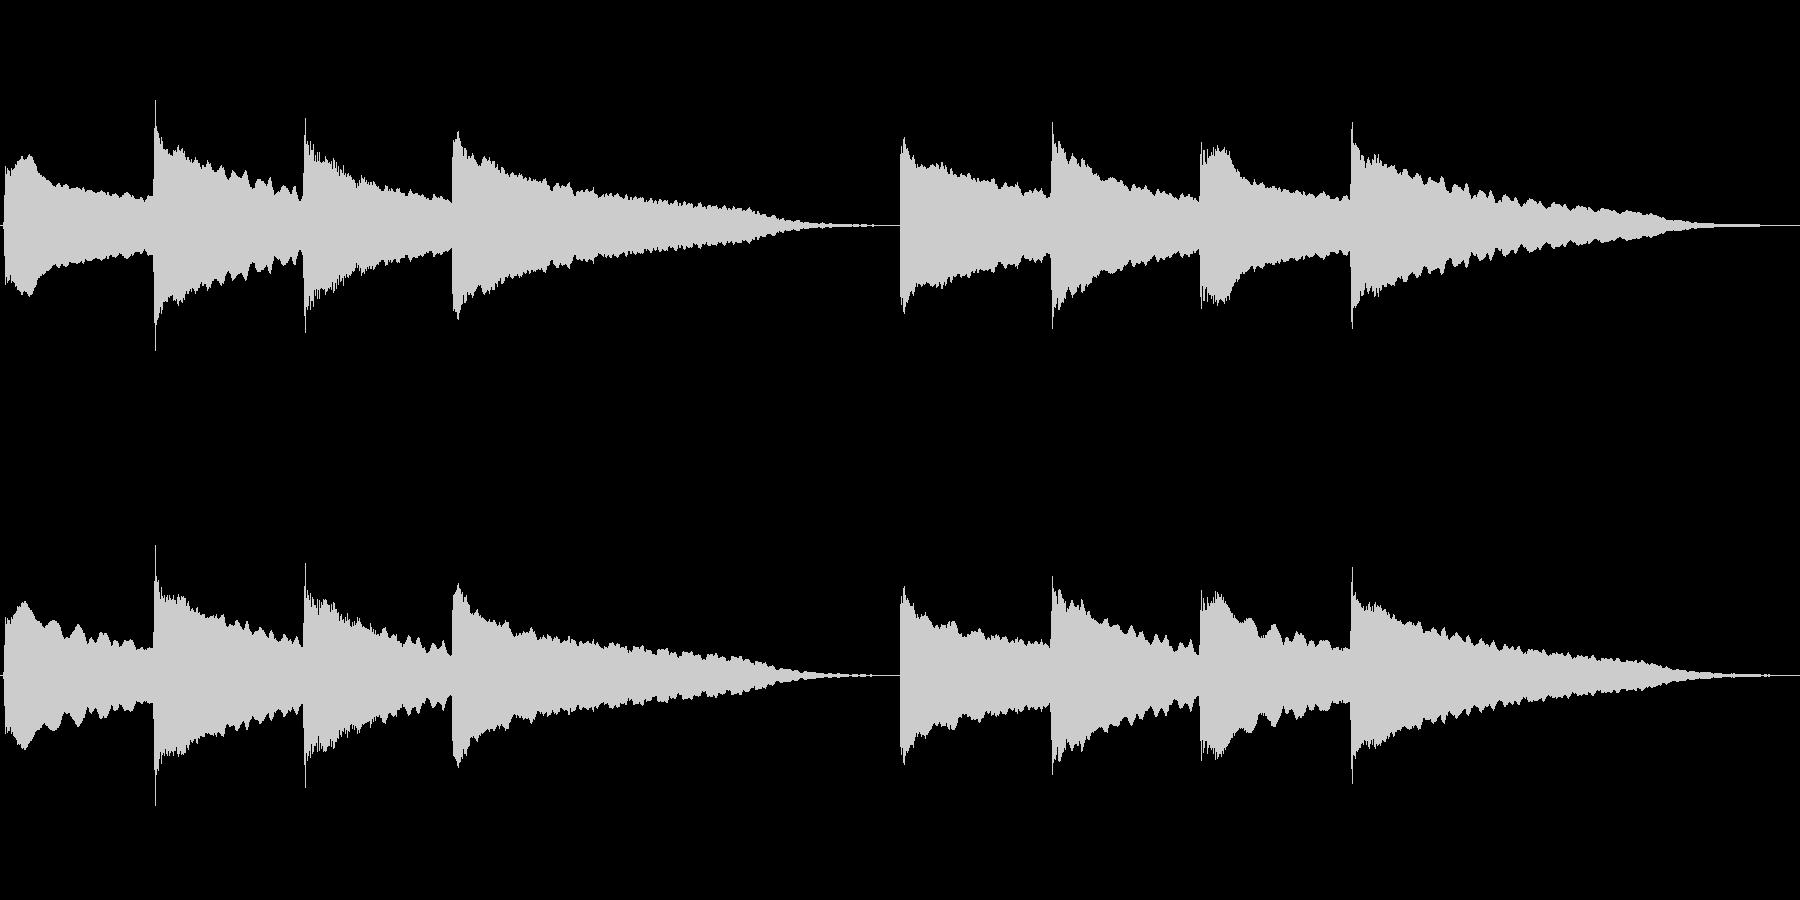 ピンポンパンポン (4)の未再生の波形